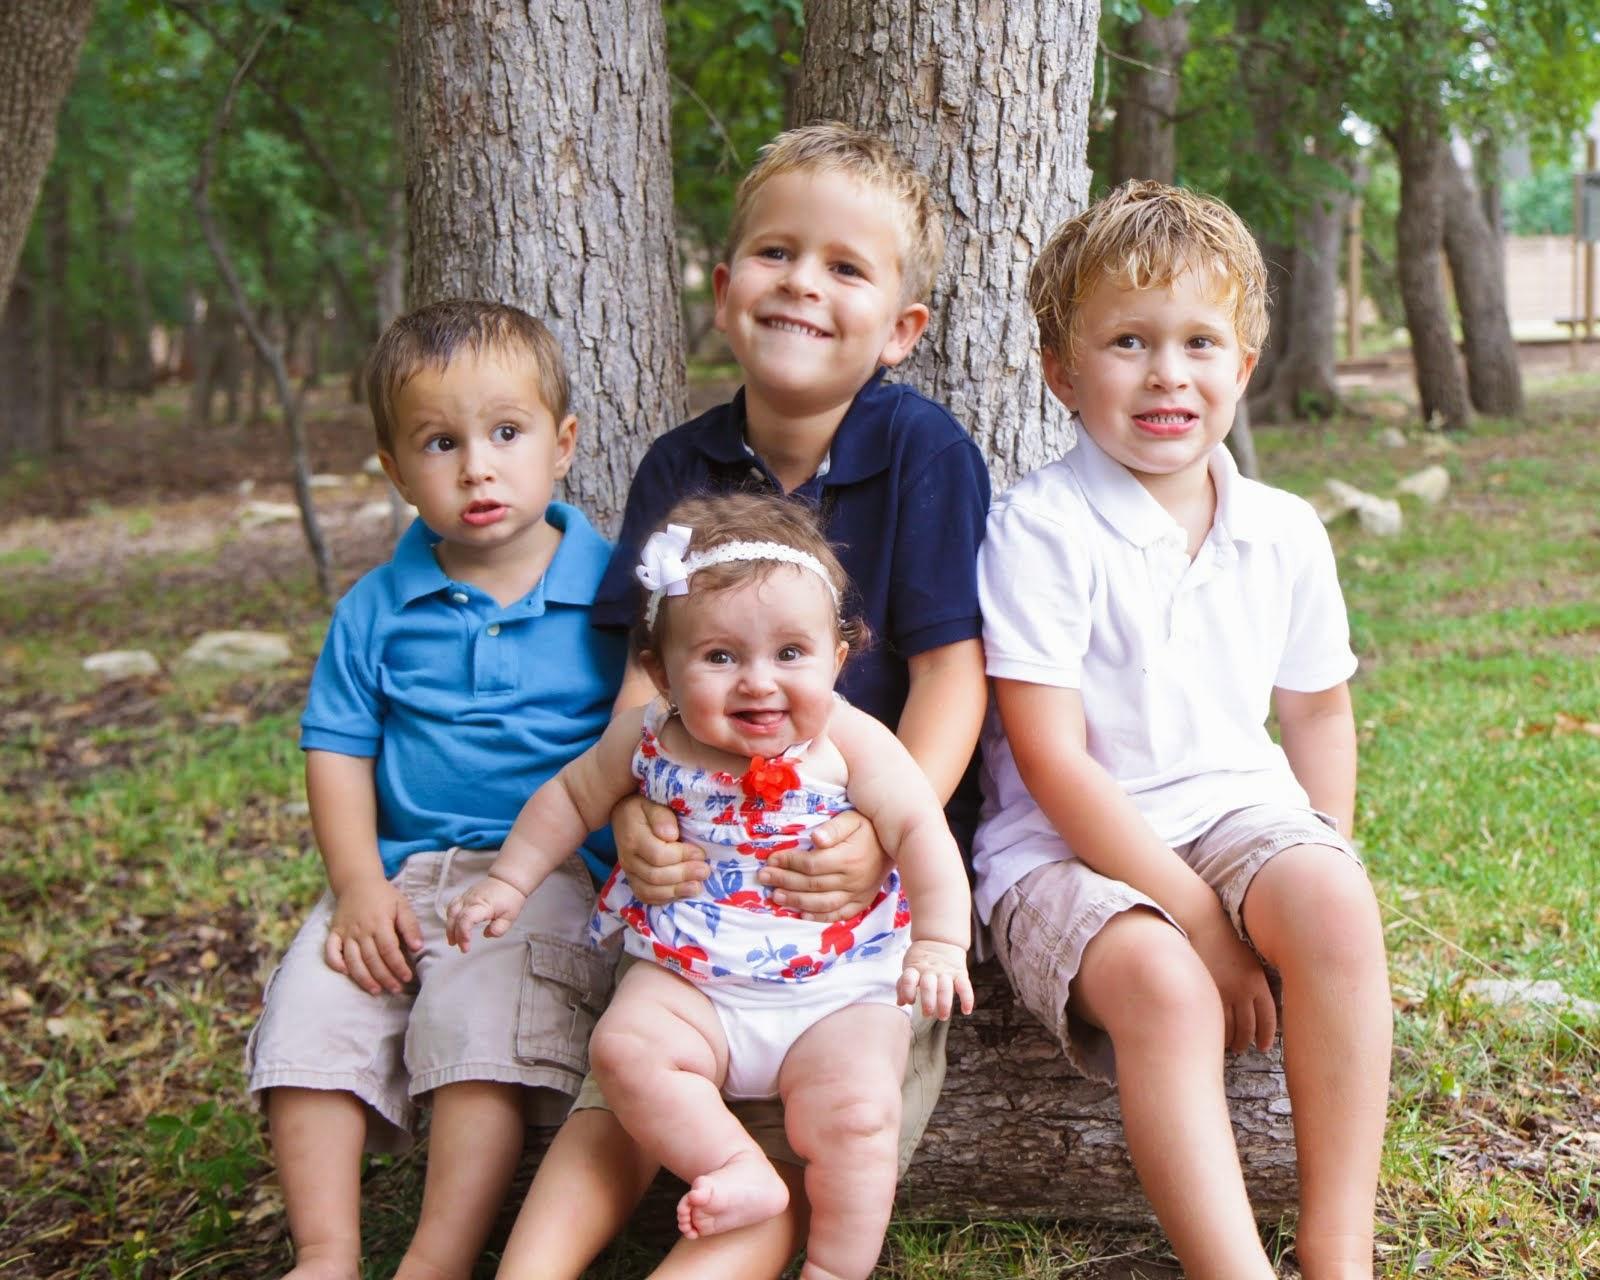 Weston 6.5, Caleb 4.5, Tyson 2.5, Lucy 6 Months